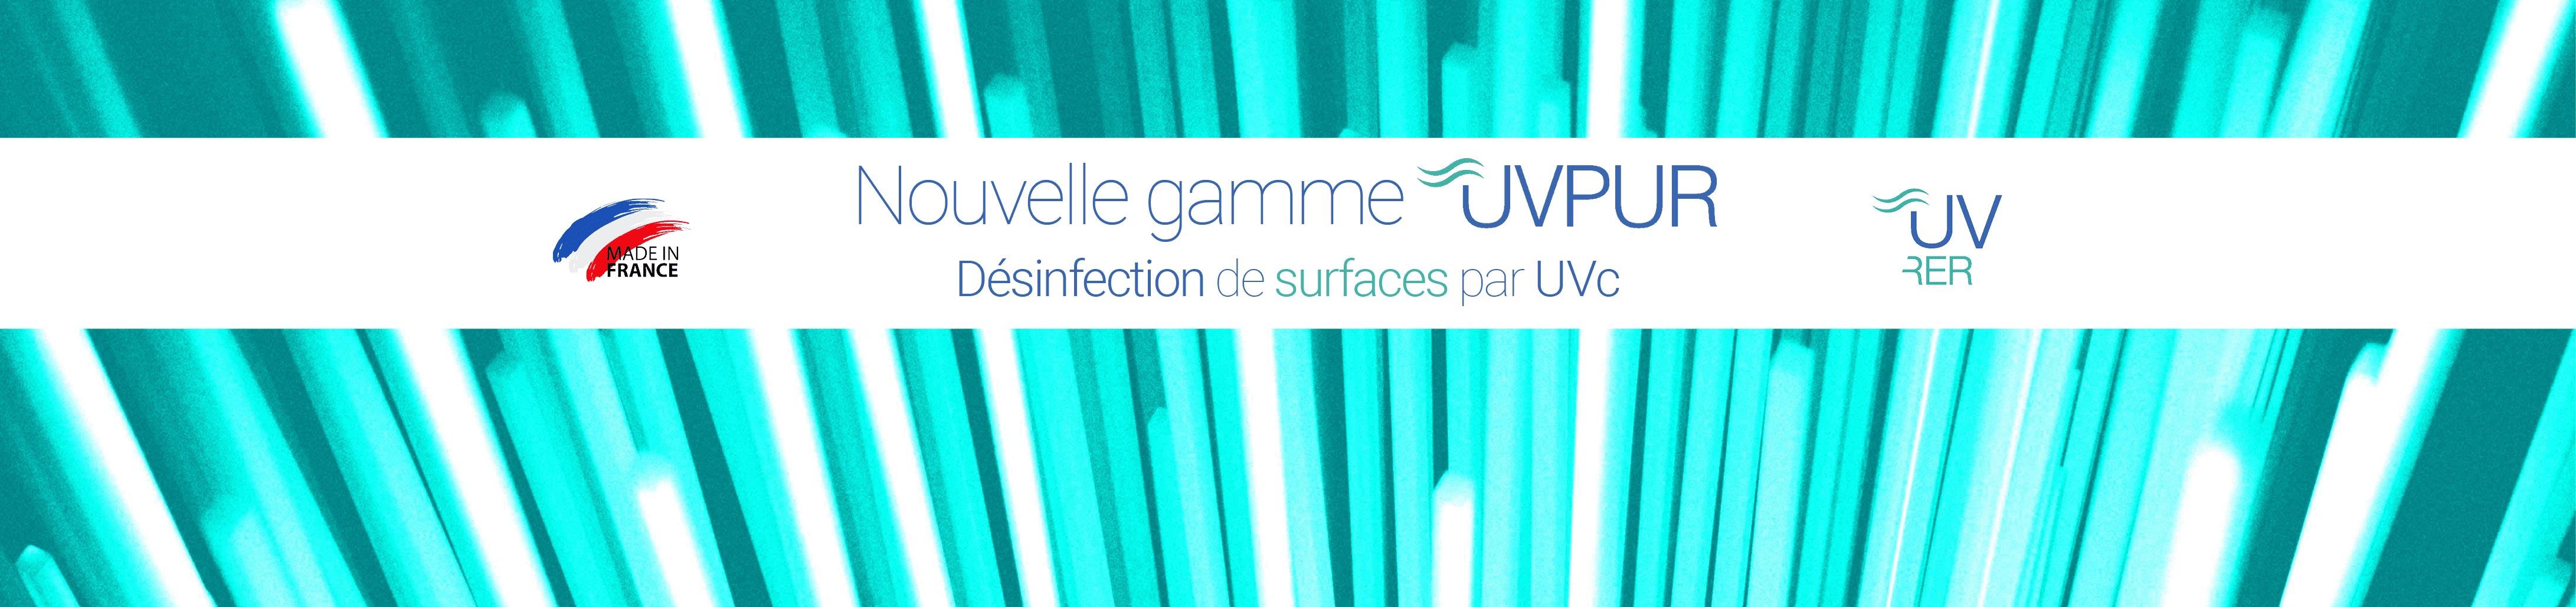 Désinfection de surfaces par UVc